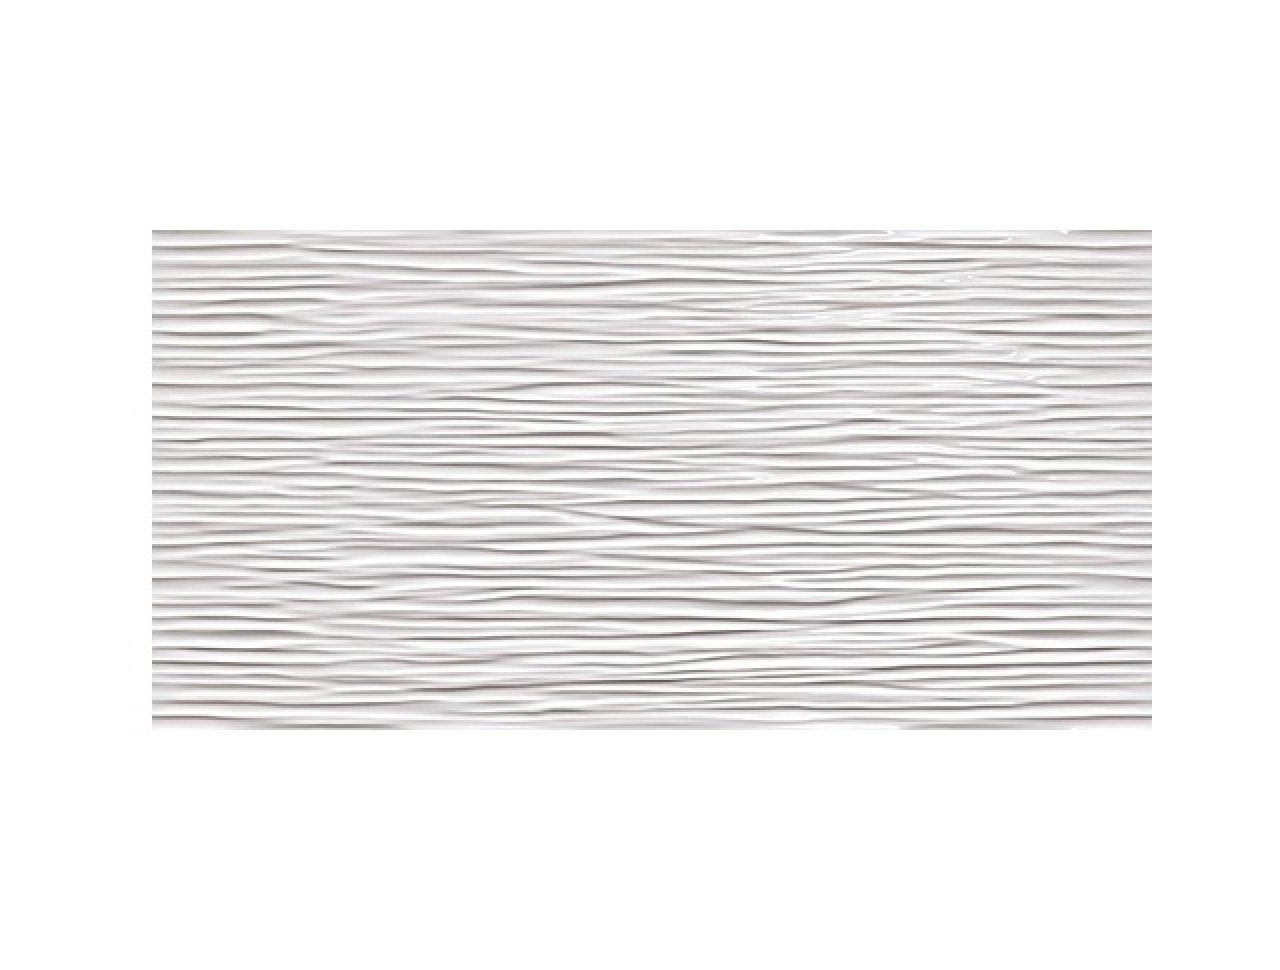 Настенная плитка 3D Wave White Glossy 40x80